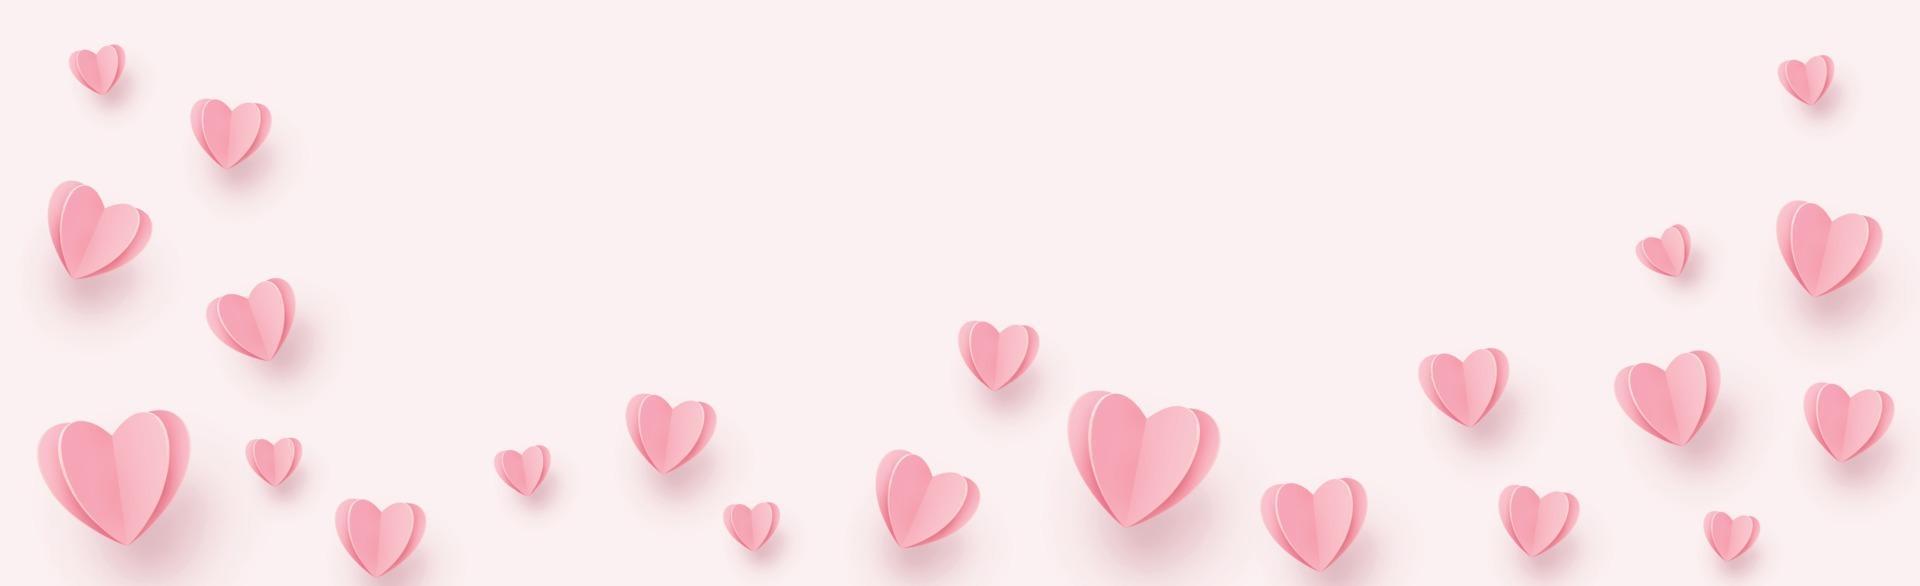 Gentley roze-rode harten op een roze achtergrond - afbeelding vector